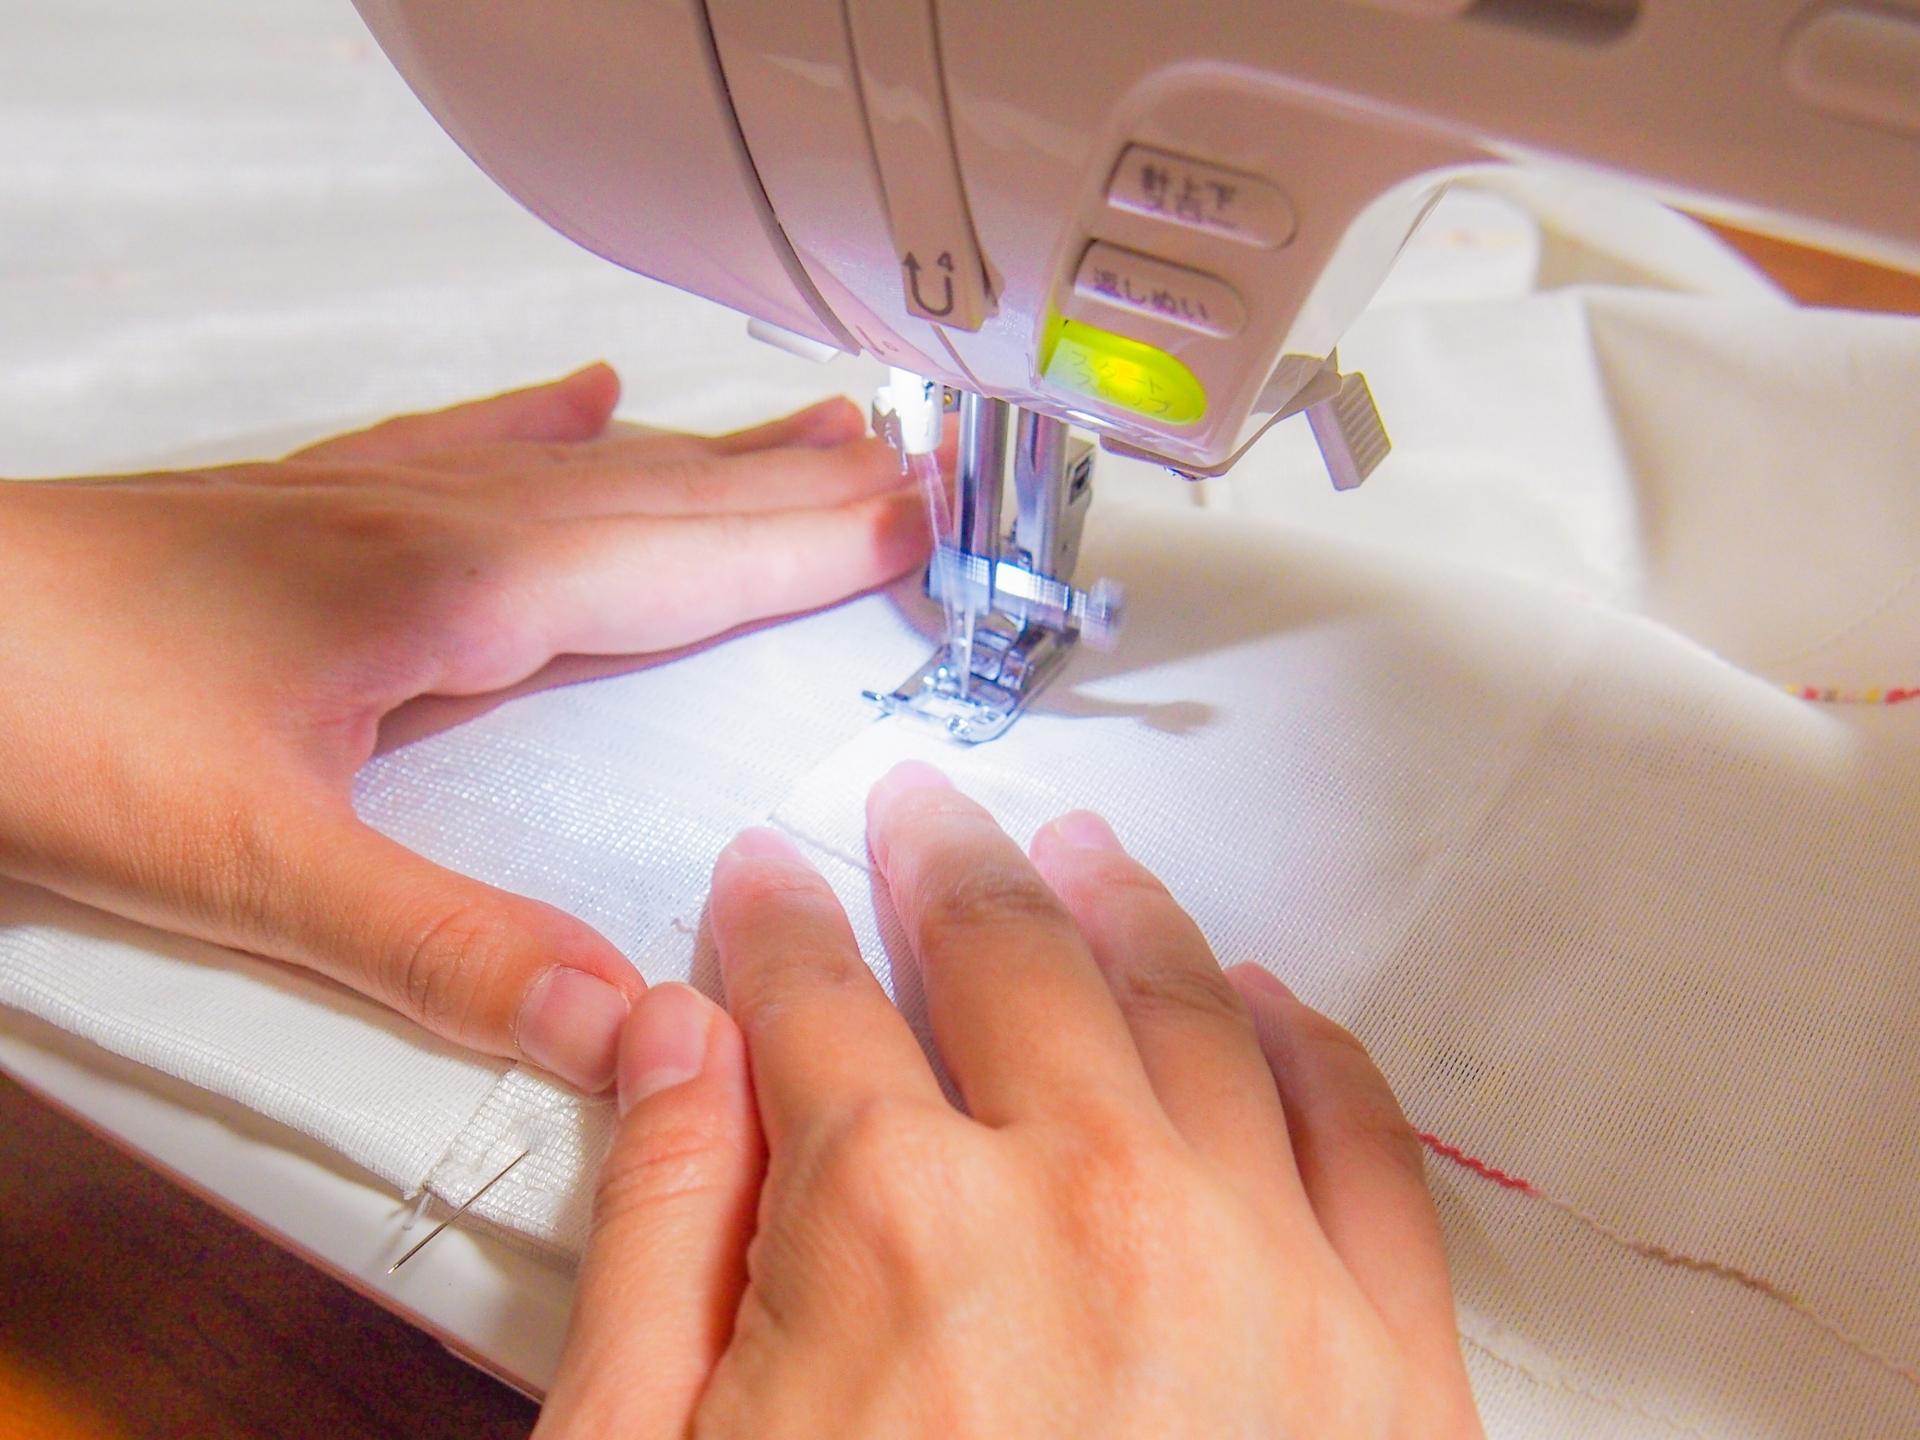 ミシンの縫い目がゆるい時の調整方法や原因と対処法をご紹介